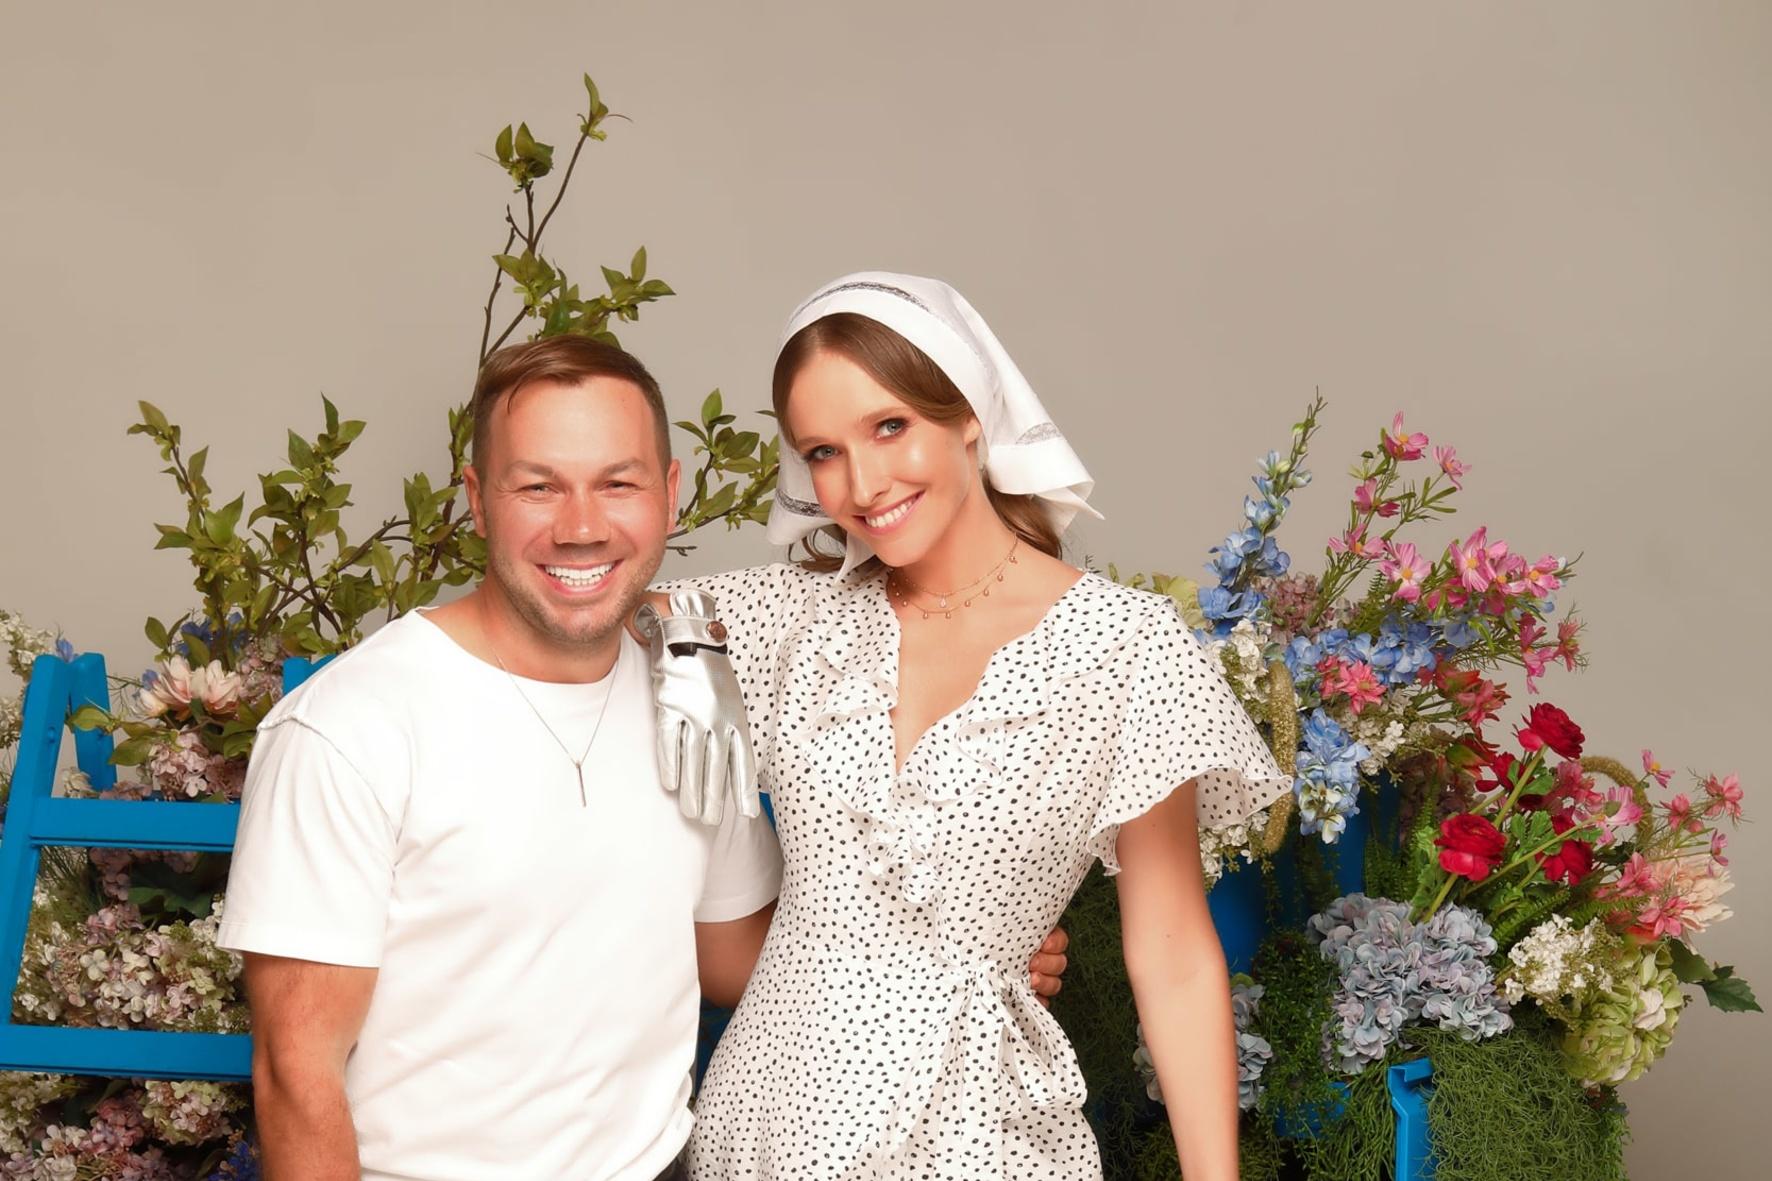 Андре Тан і Катя Осадча представили спільну колекцію одягу